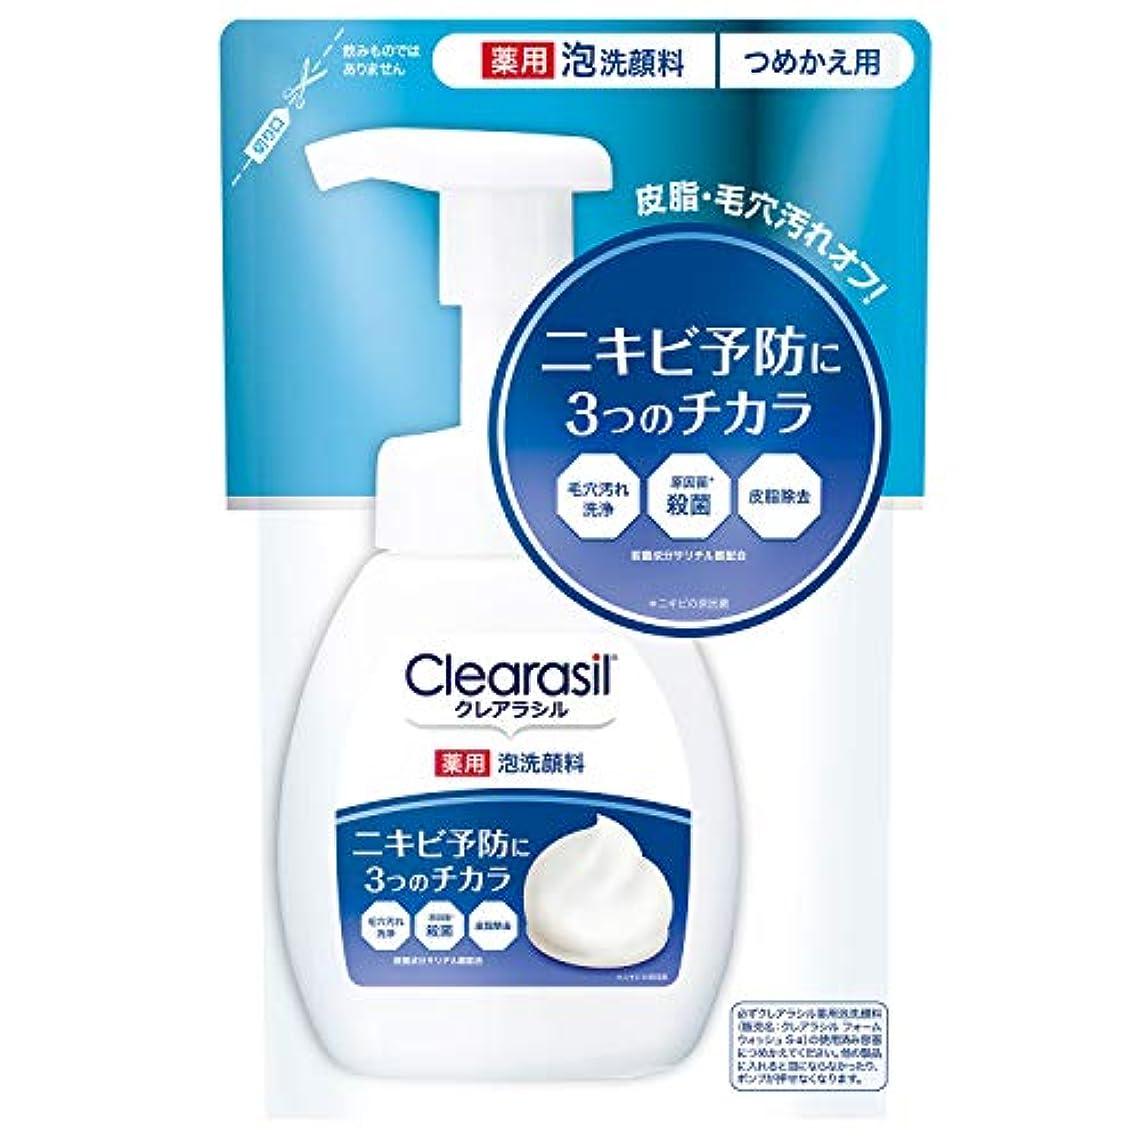 観点進捗ネイティブ【医薬部外品】クレアラシル 薬用泡洗顔フォーム 180ml 詰替用